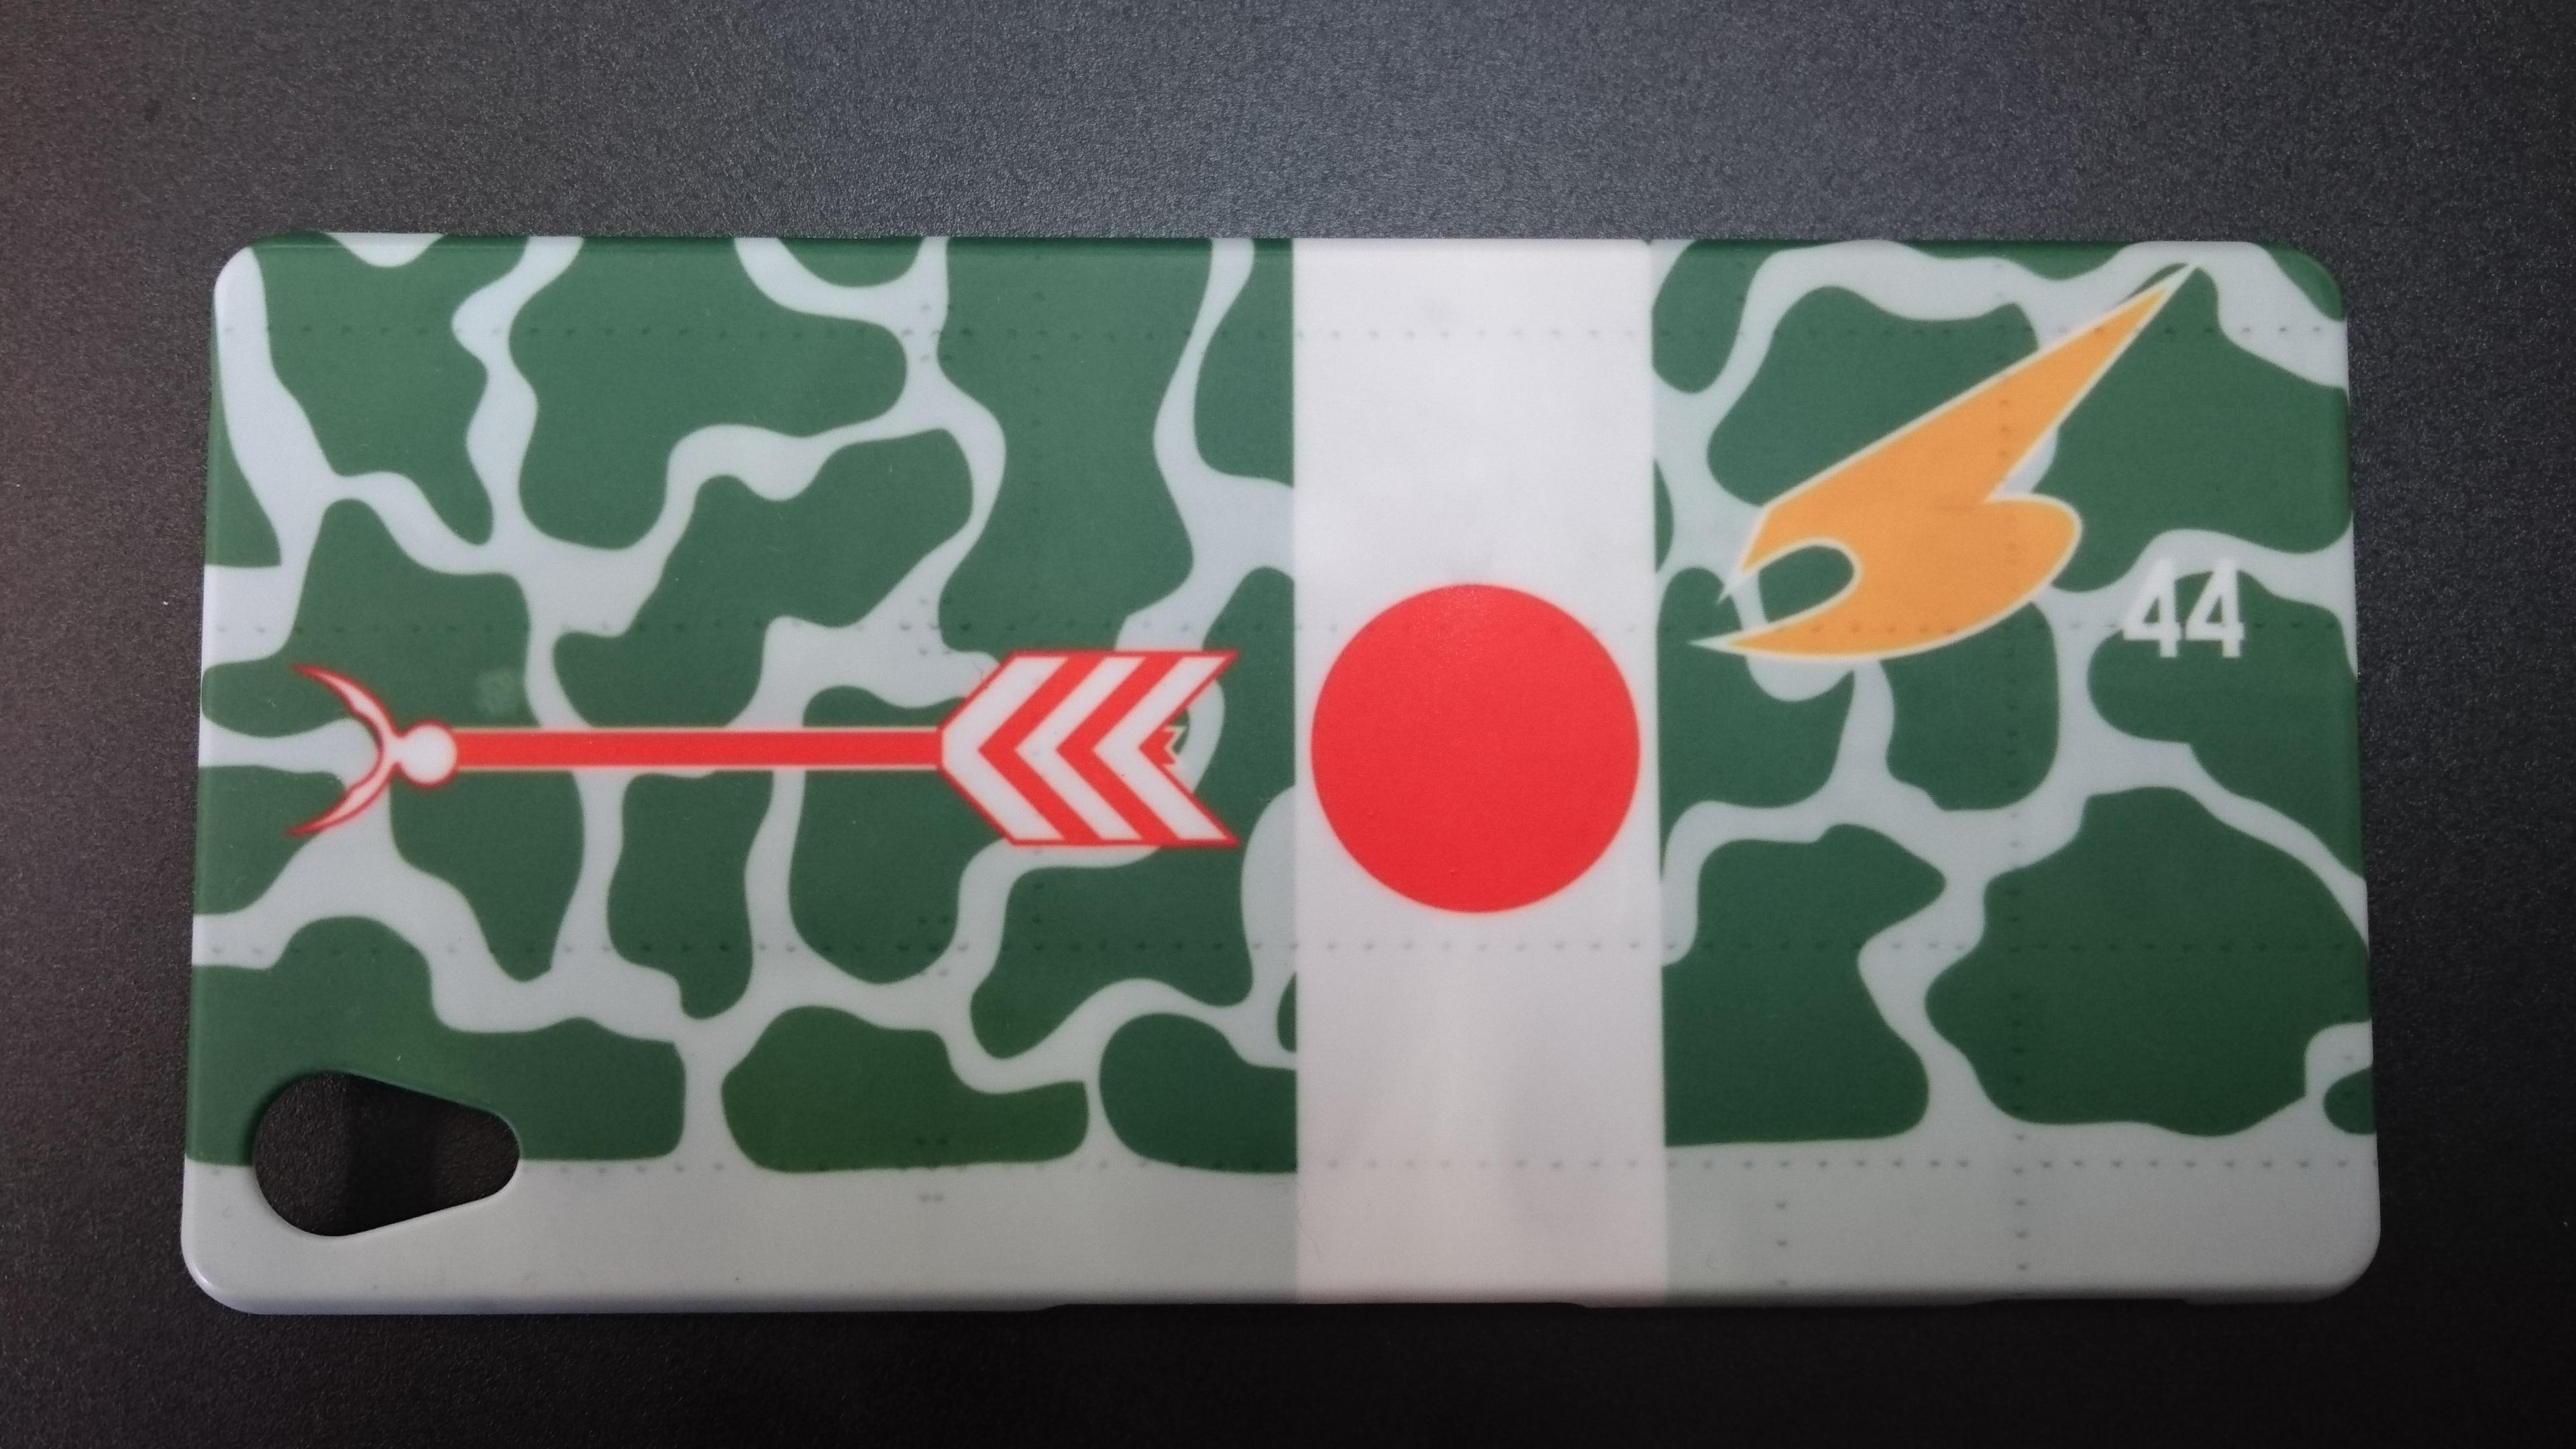 【お客様からの写真】大日本帝国陸軍二式複座戦闘機-屠龍-丁型-飛行第53戦隊第三震天制空隊所属機